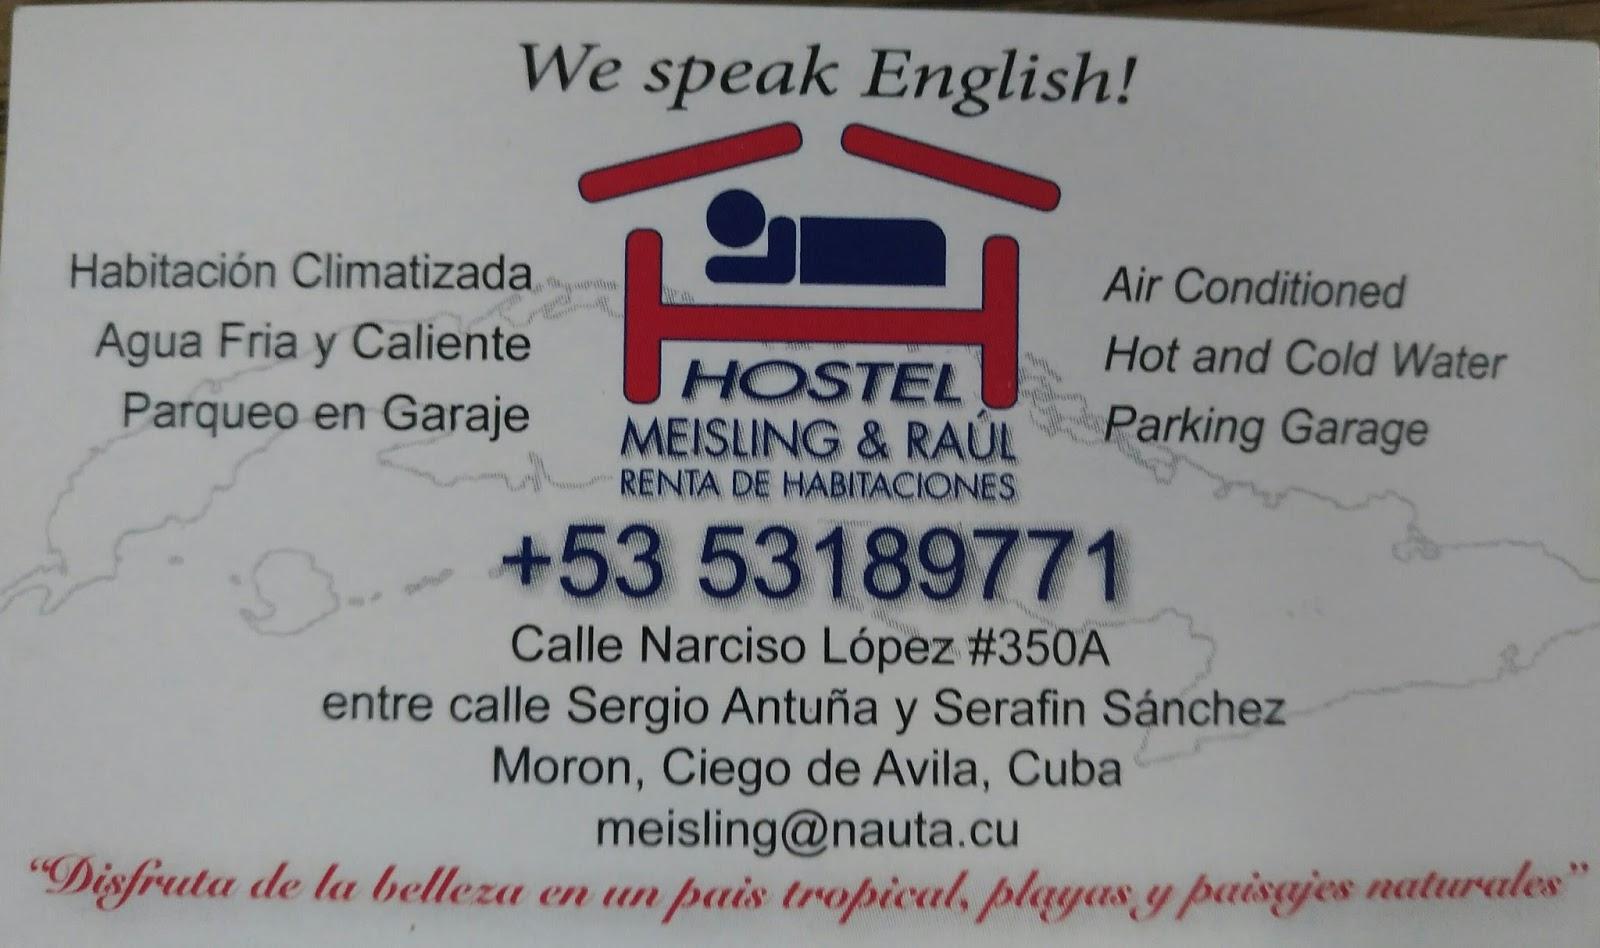 Casa particular Moron Cuba